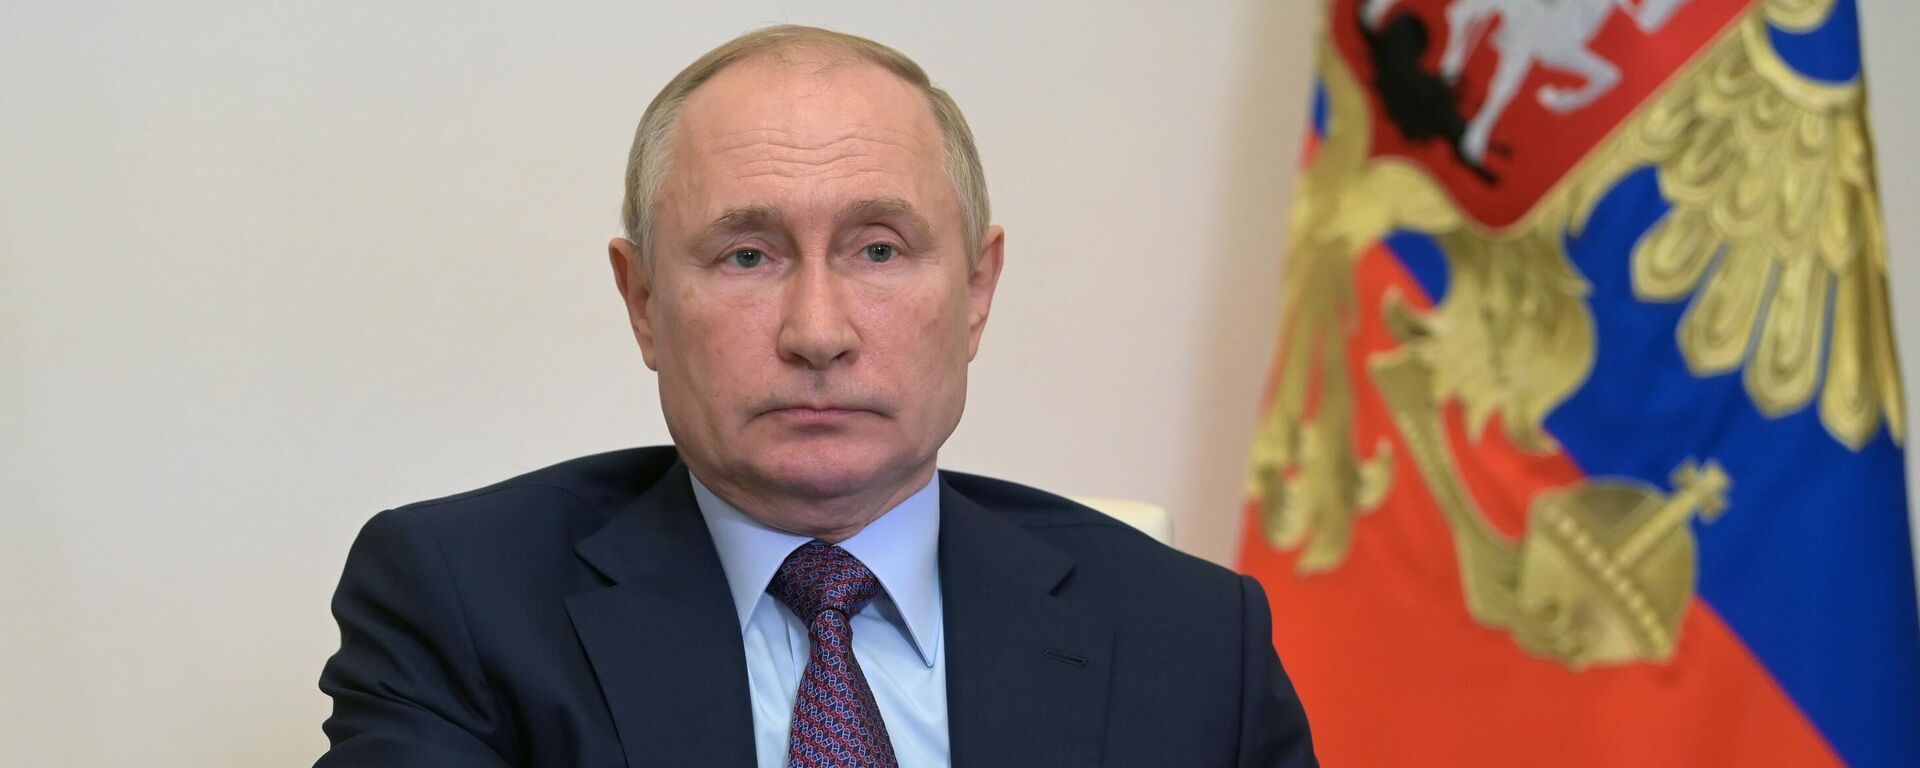 Rusya Devlet Başkanı Vladimir Putin - Sputnik Türkiye, 1920, 06.10.2021